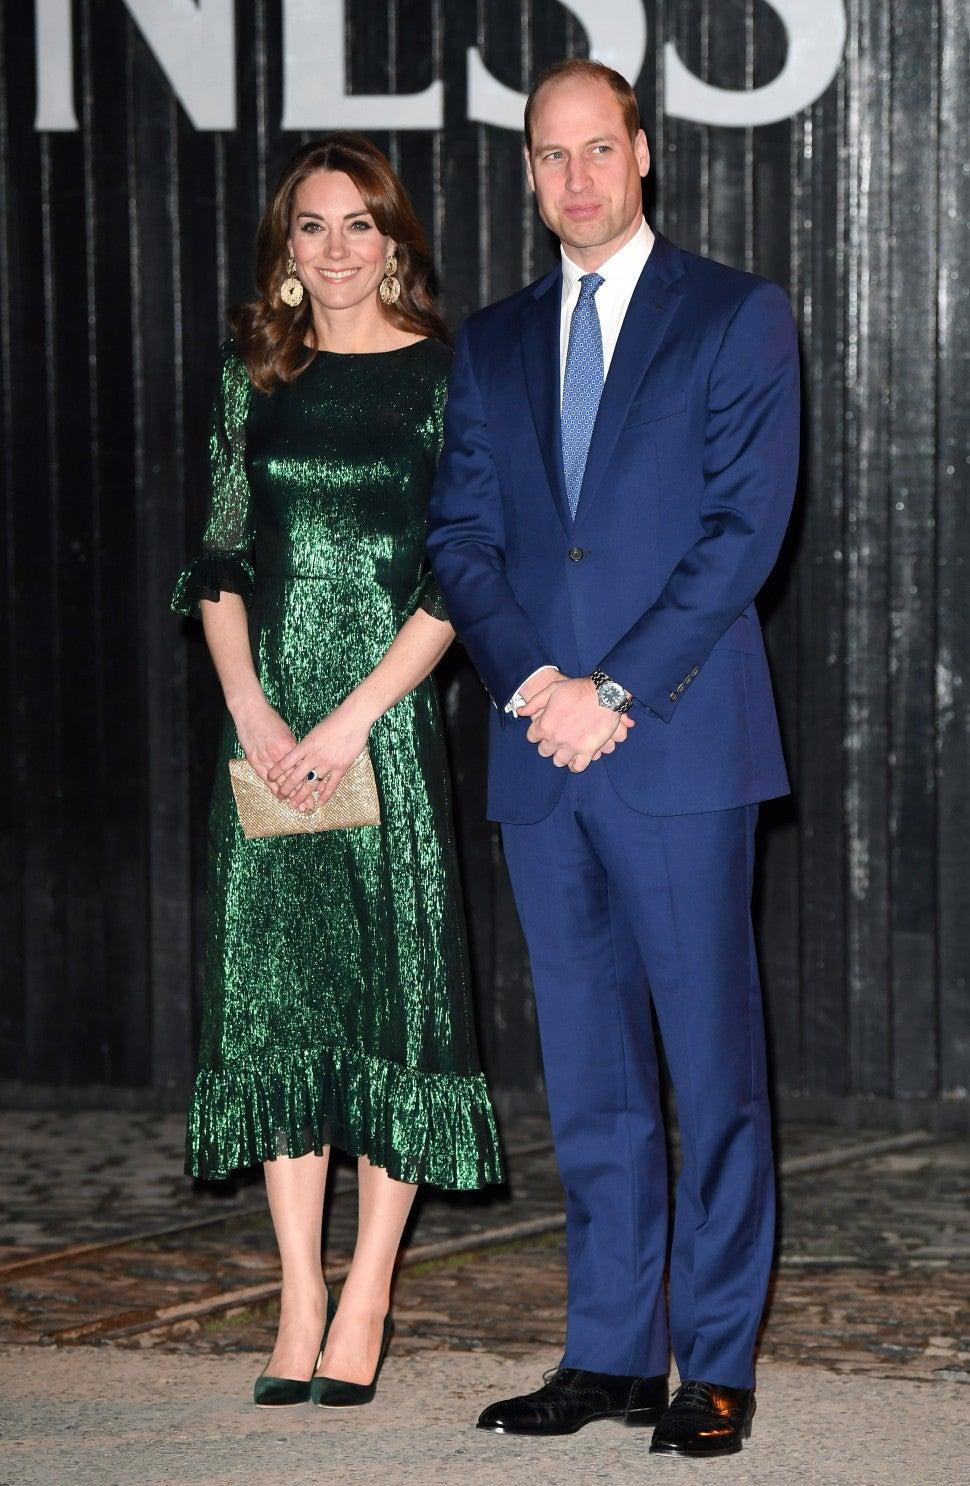 """Công nương Kate bị chê mặc xấu khi diện váy hao hao """"Công chúa thị phi nhất hoàng gia Anh"""" - Ảnh 1."""